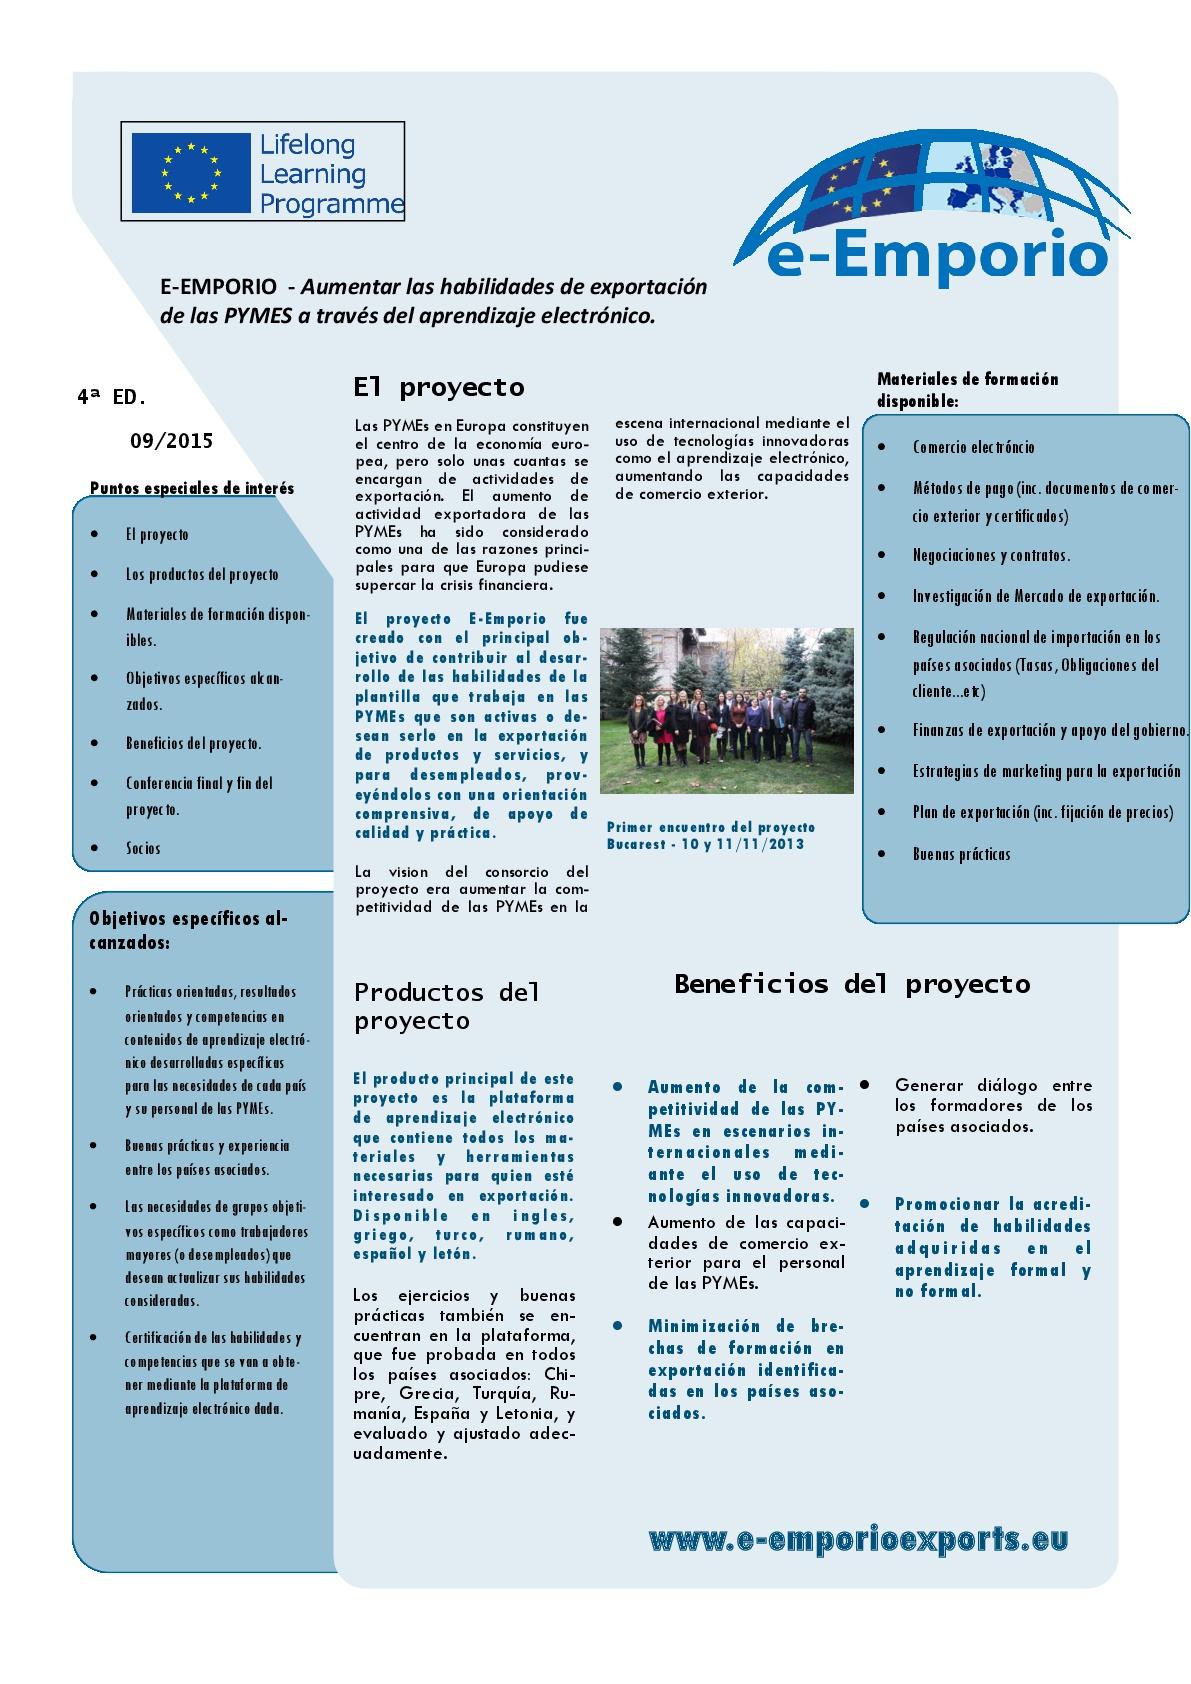 E-EMPORIO-NEWLETTER-4---ES-001